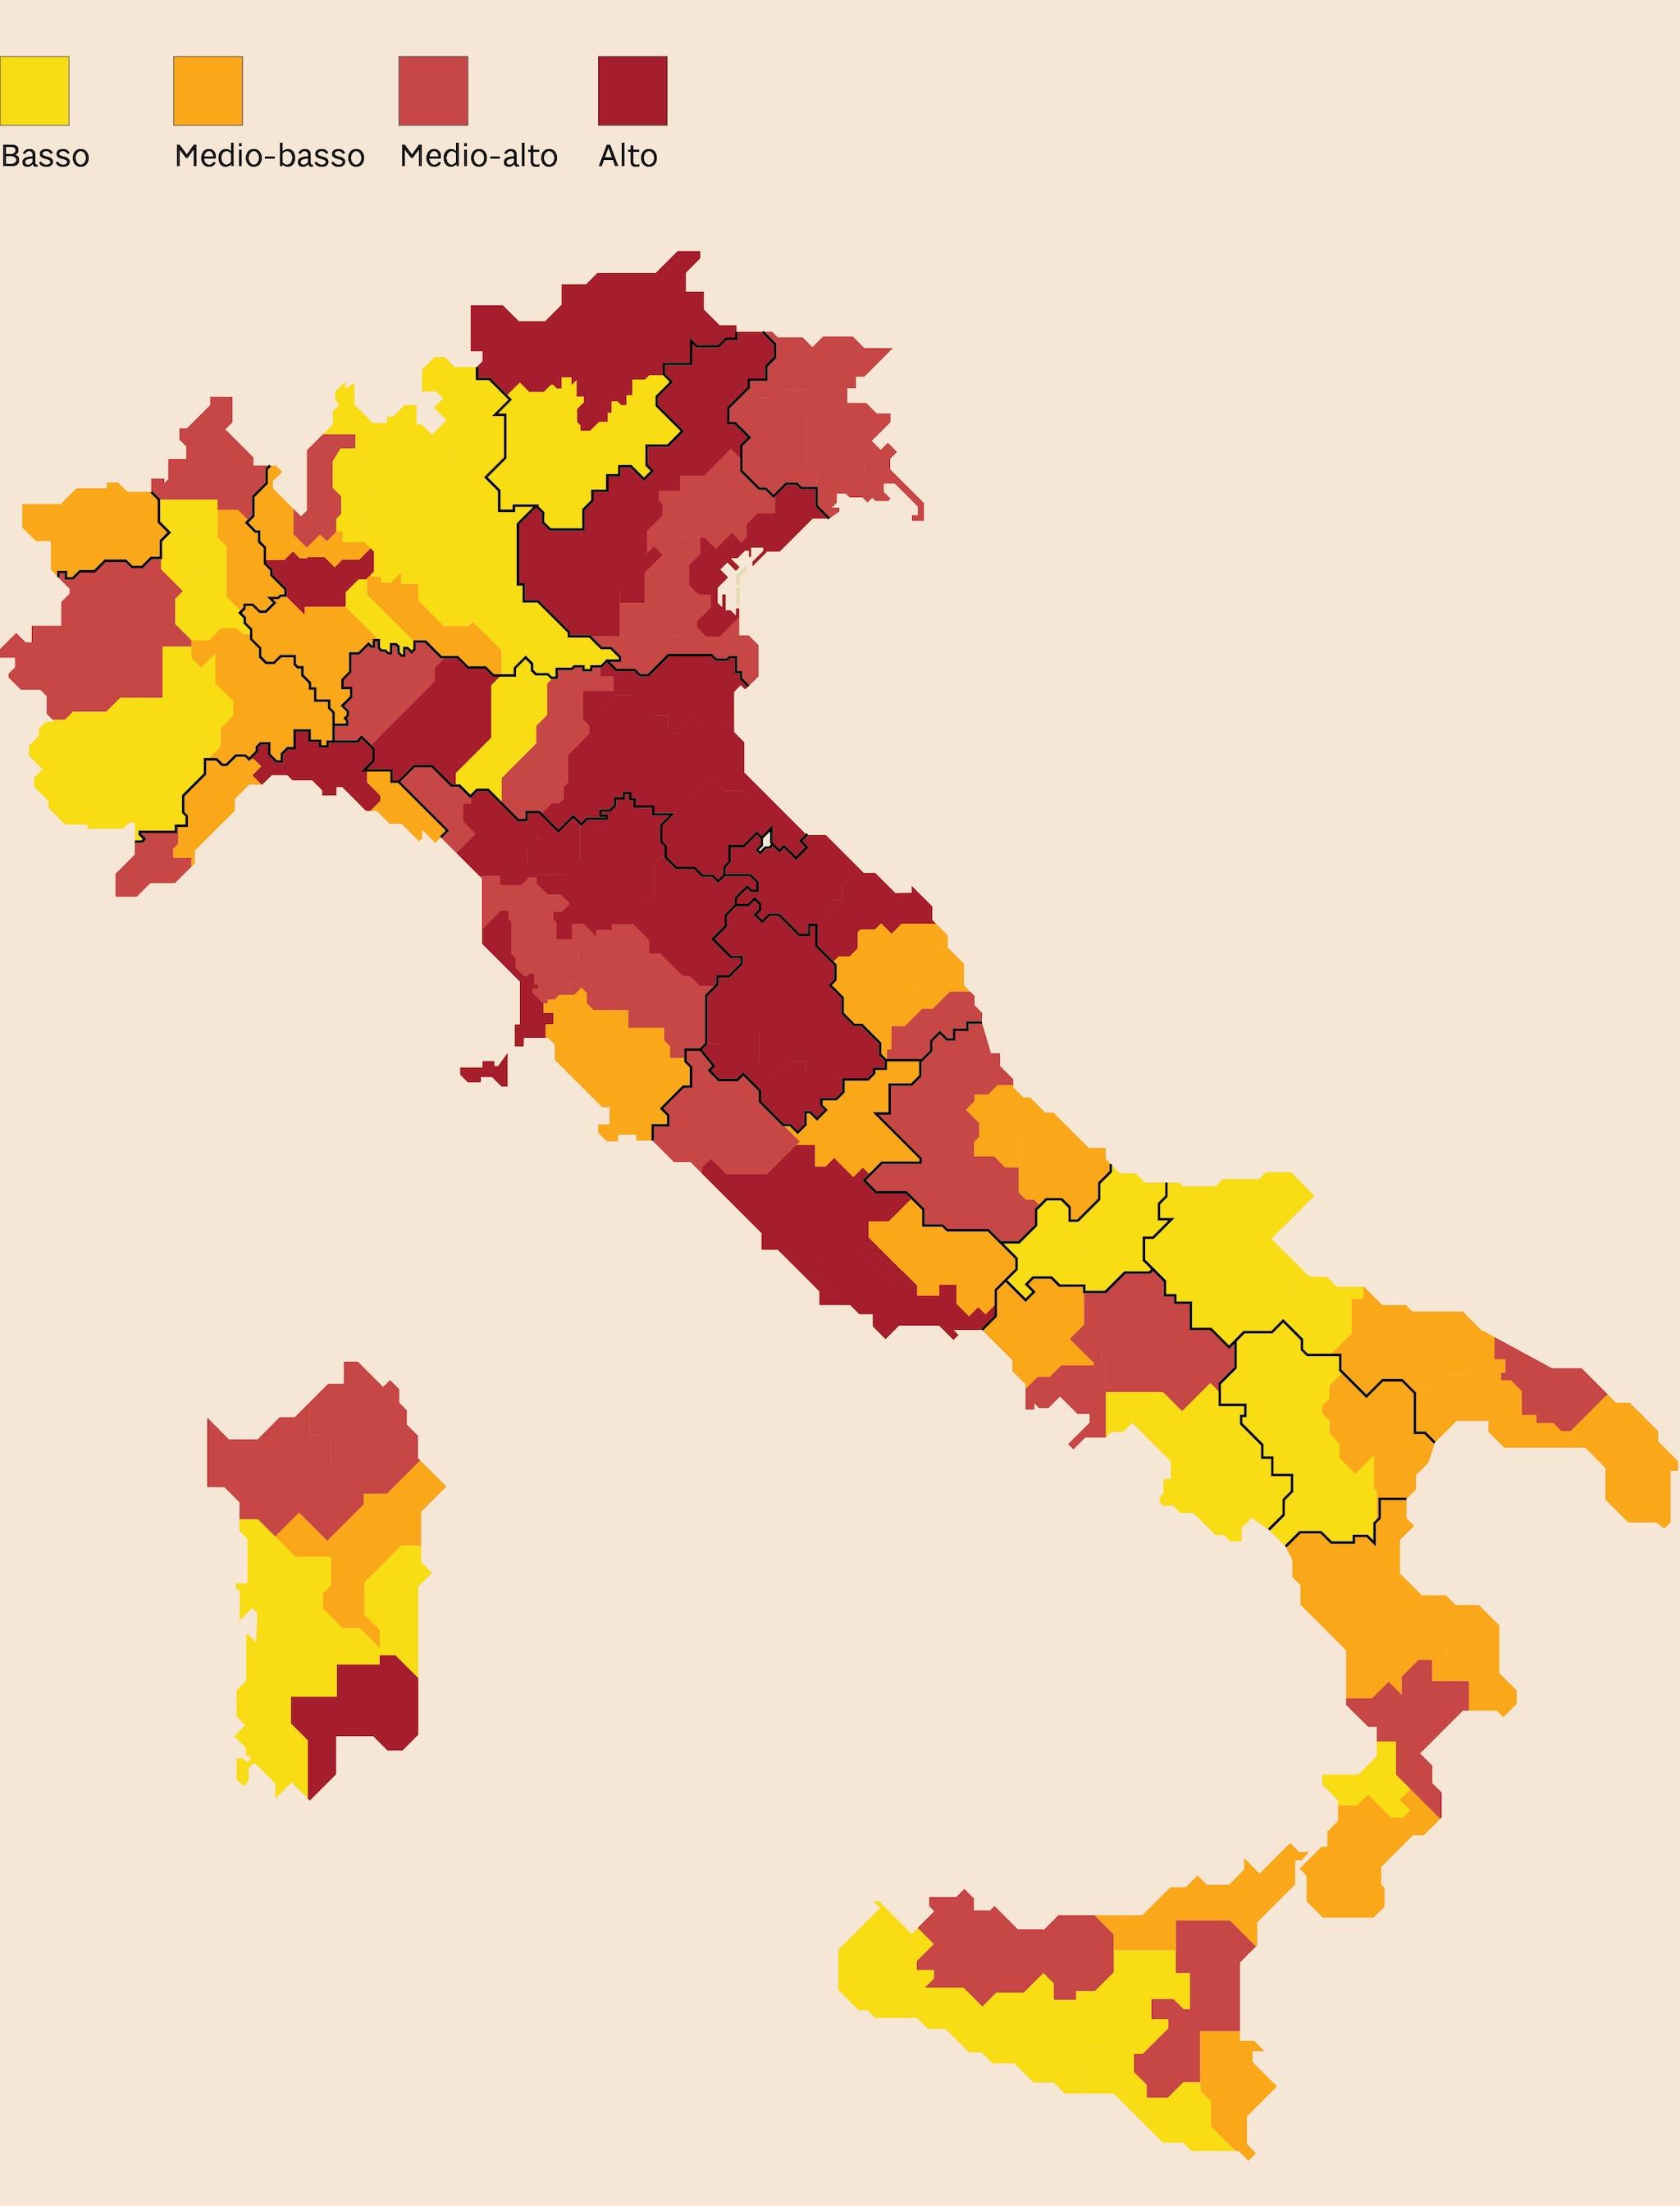 ANOMALIE NELL'USO DI CONTANTE IN ITALIA